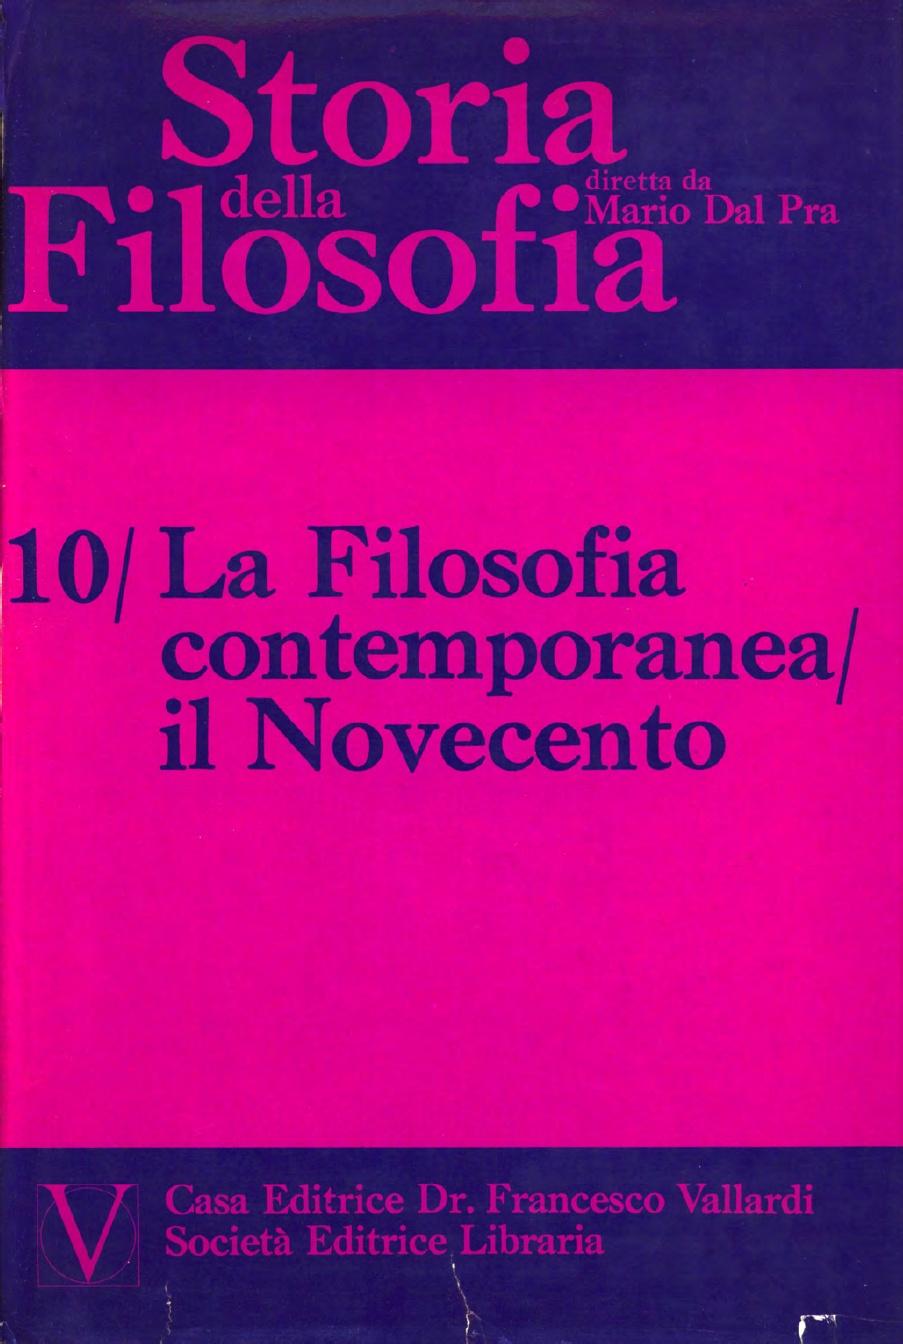 Storia della Filosofia - Volume X